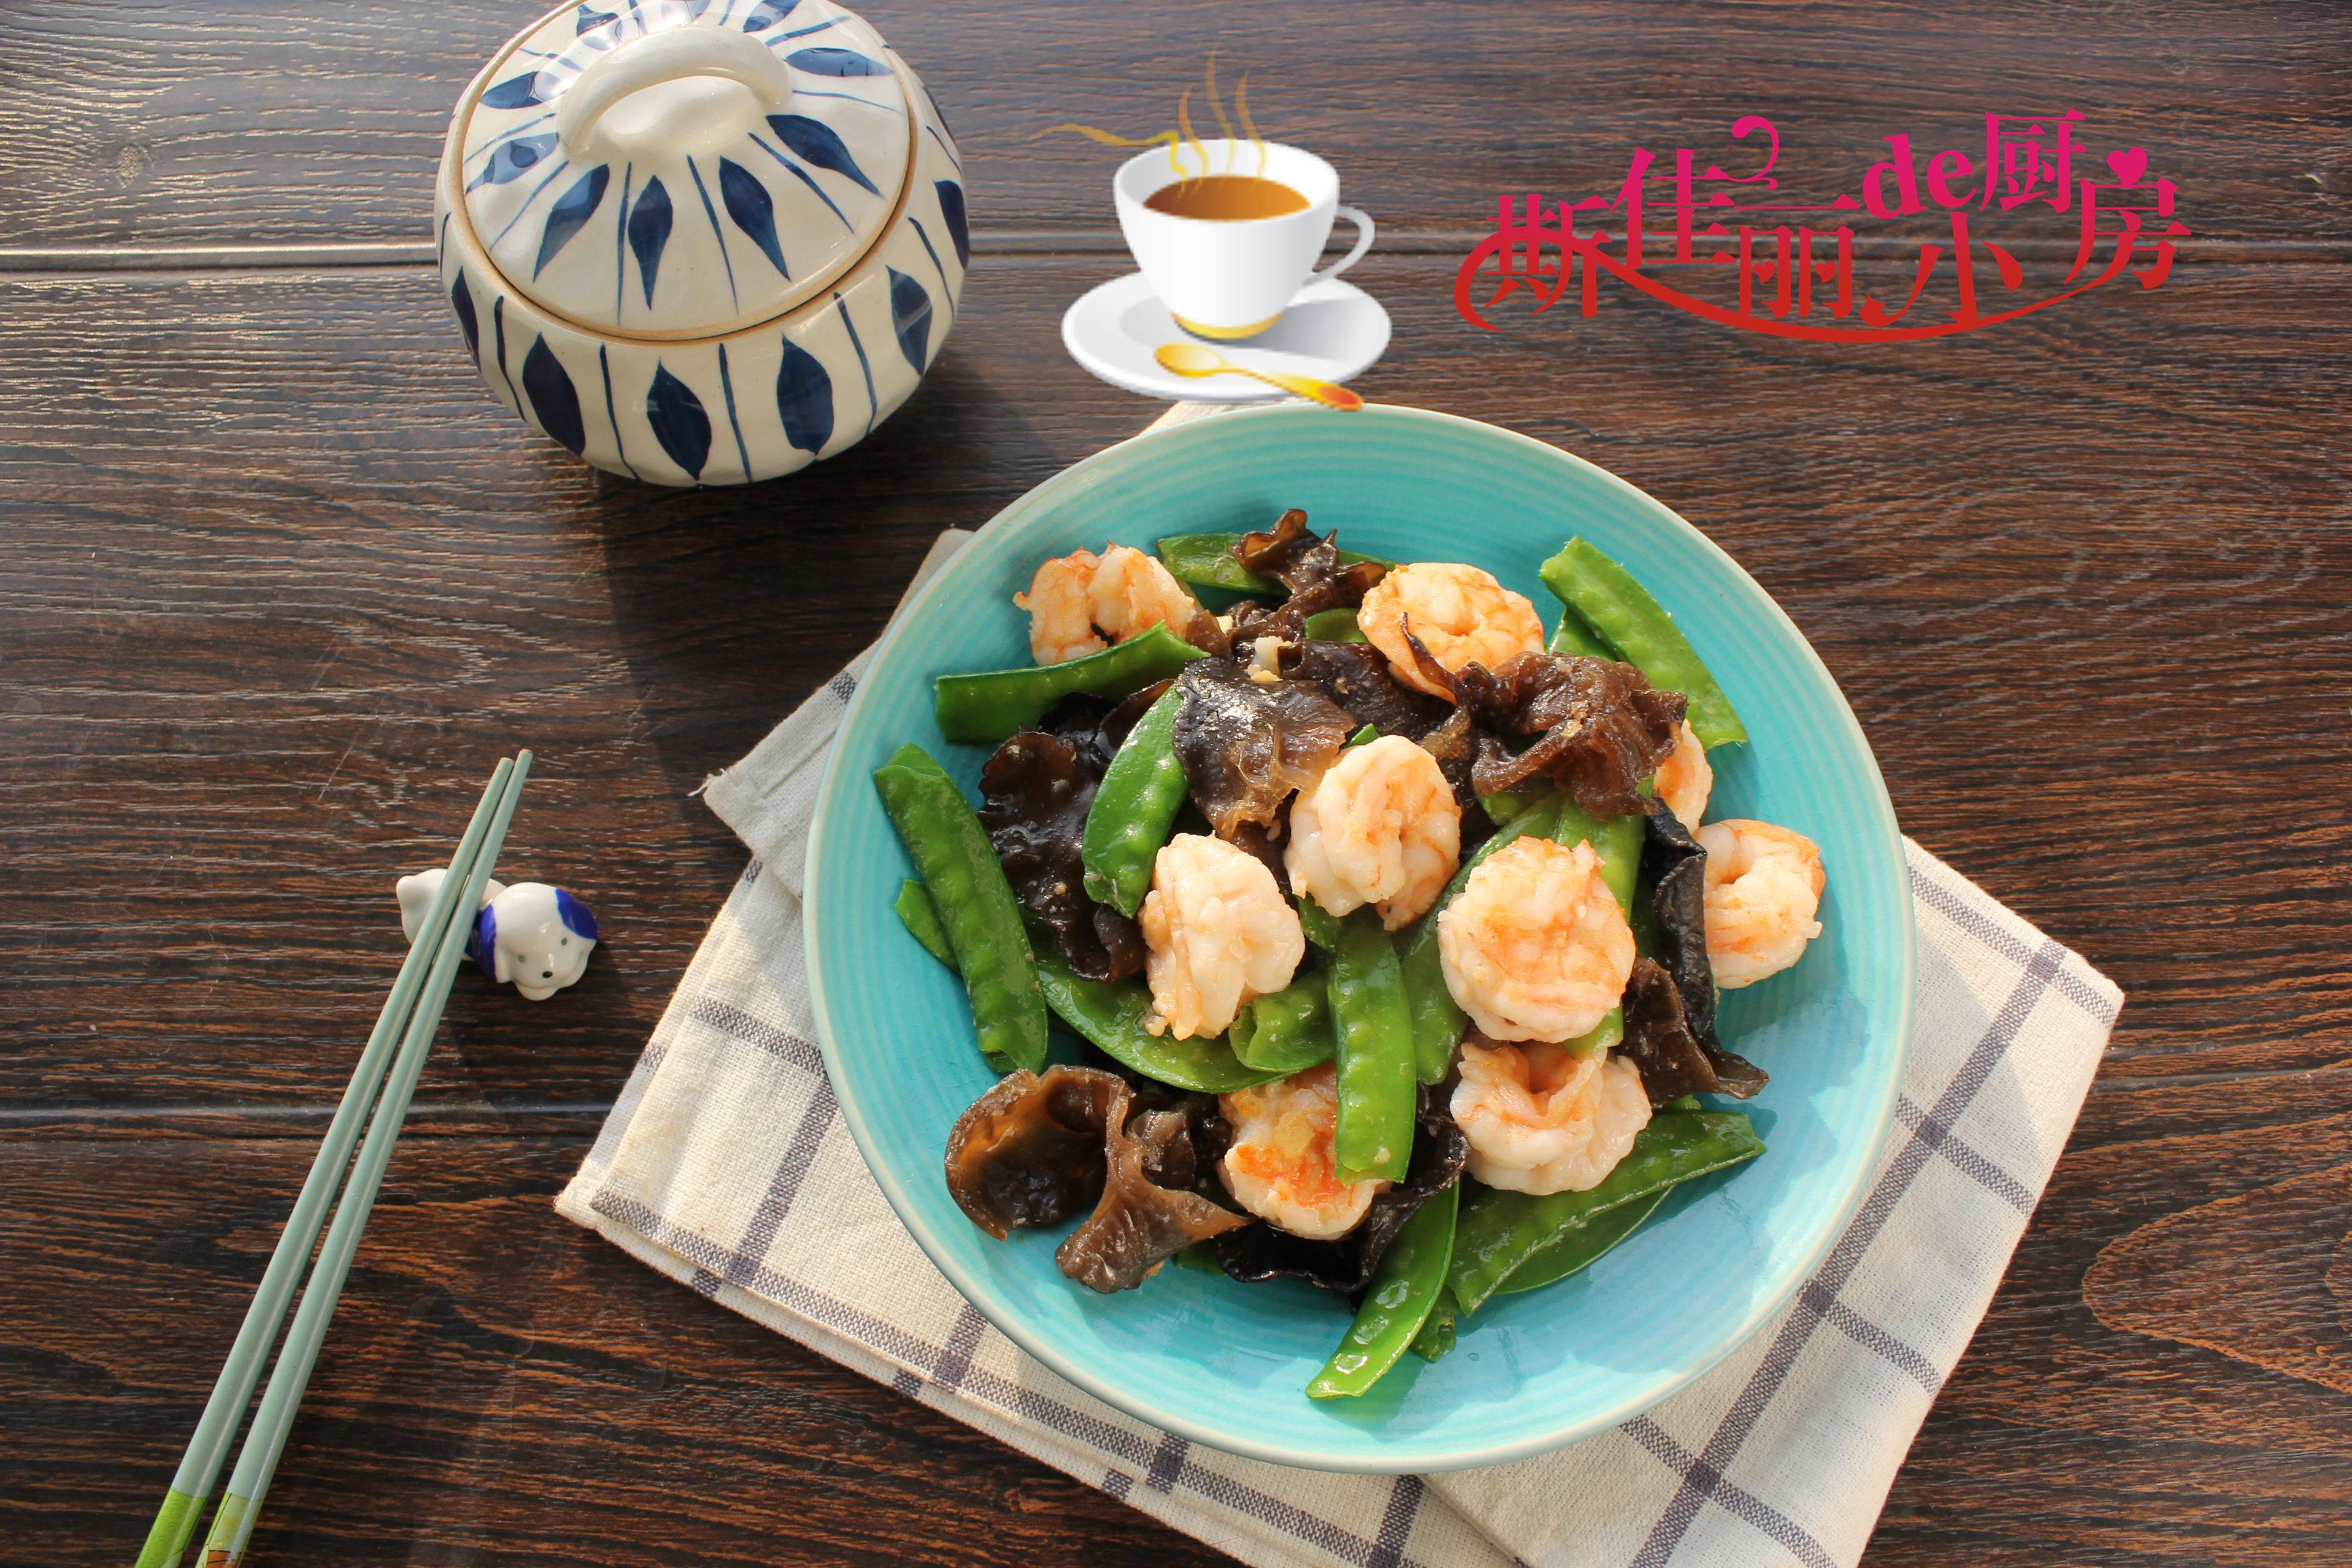 这三样一起炒实在太鲜美了,开胃下饭香,5分钟能出锅多吃不长肉